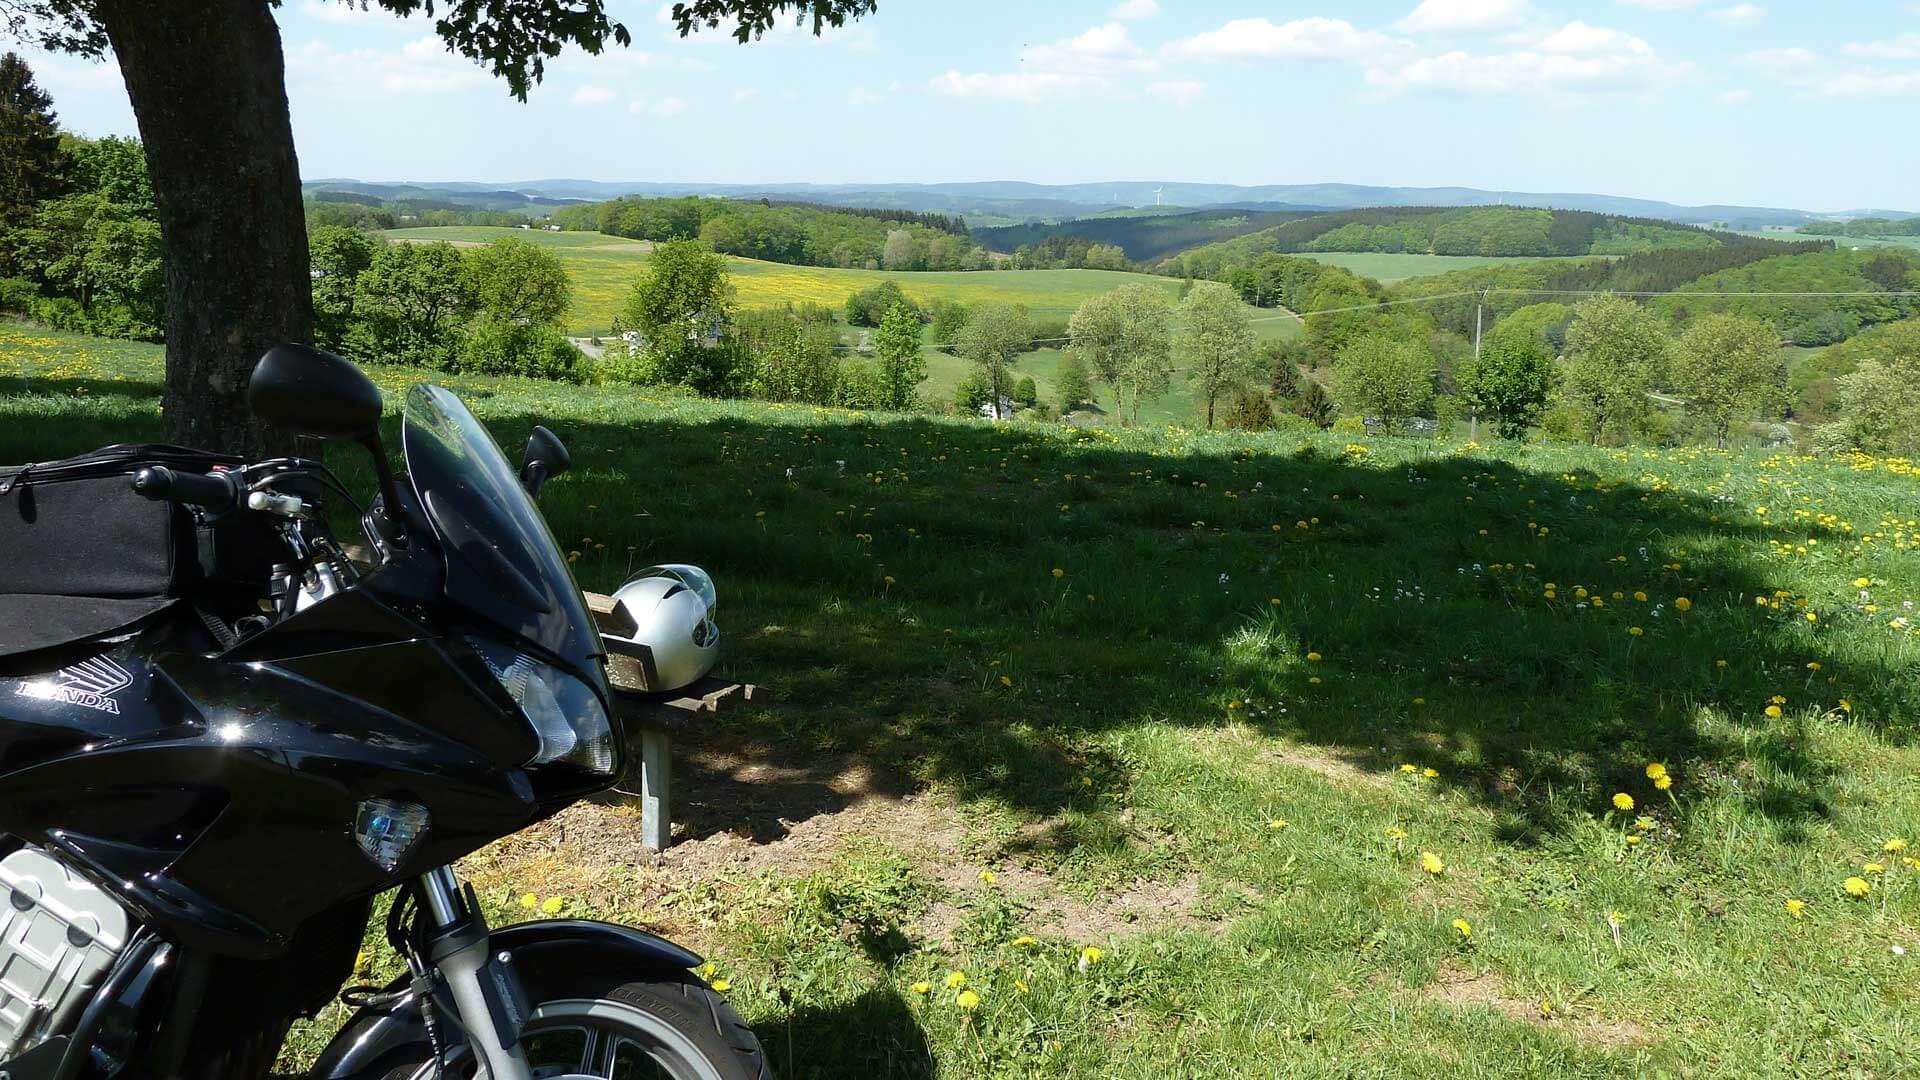 Motorradfahren im Sauerland - Motorradpause mit Ausblick